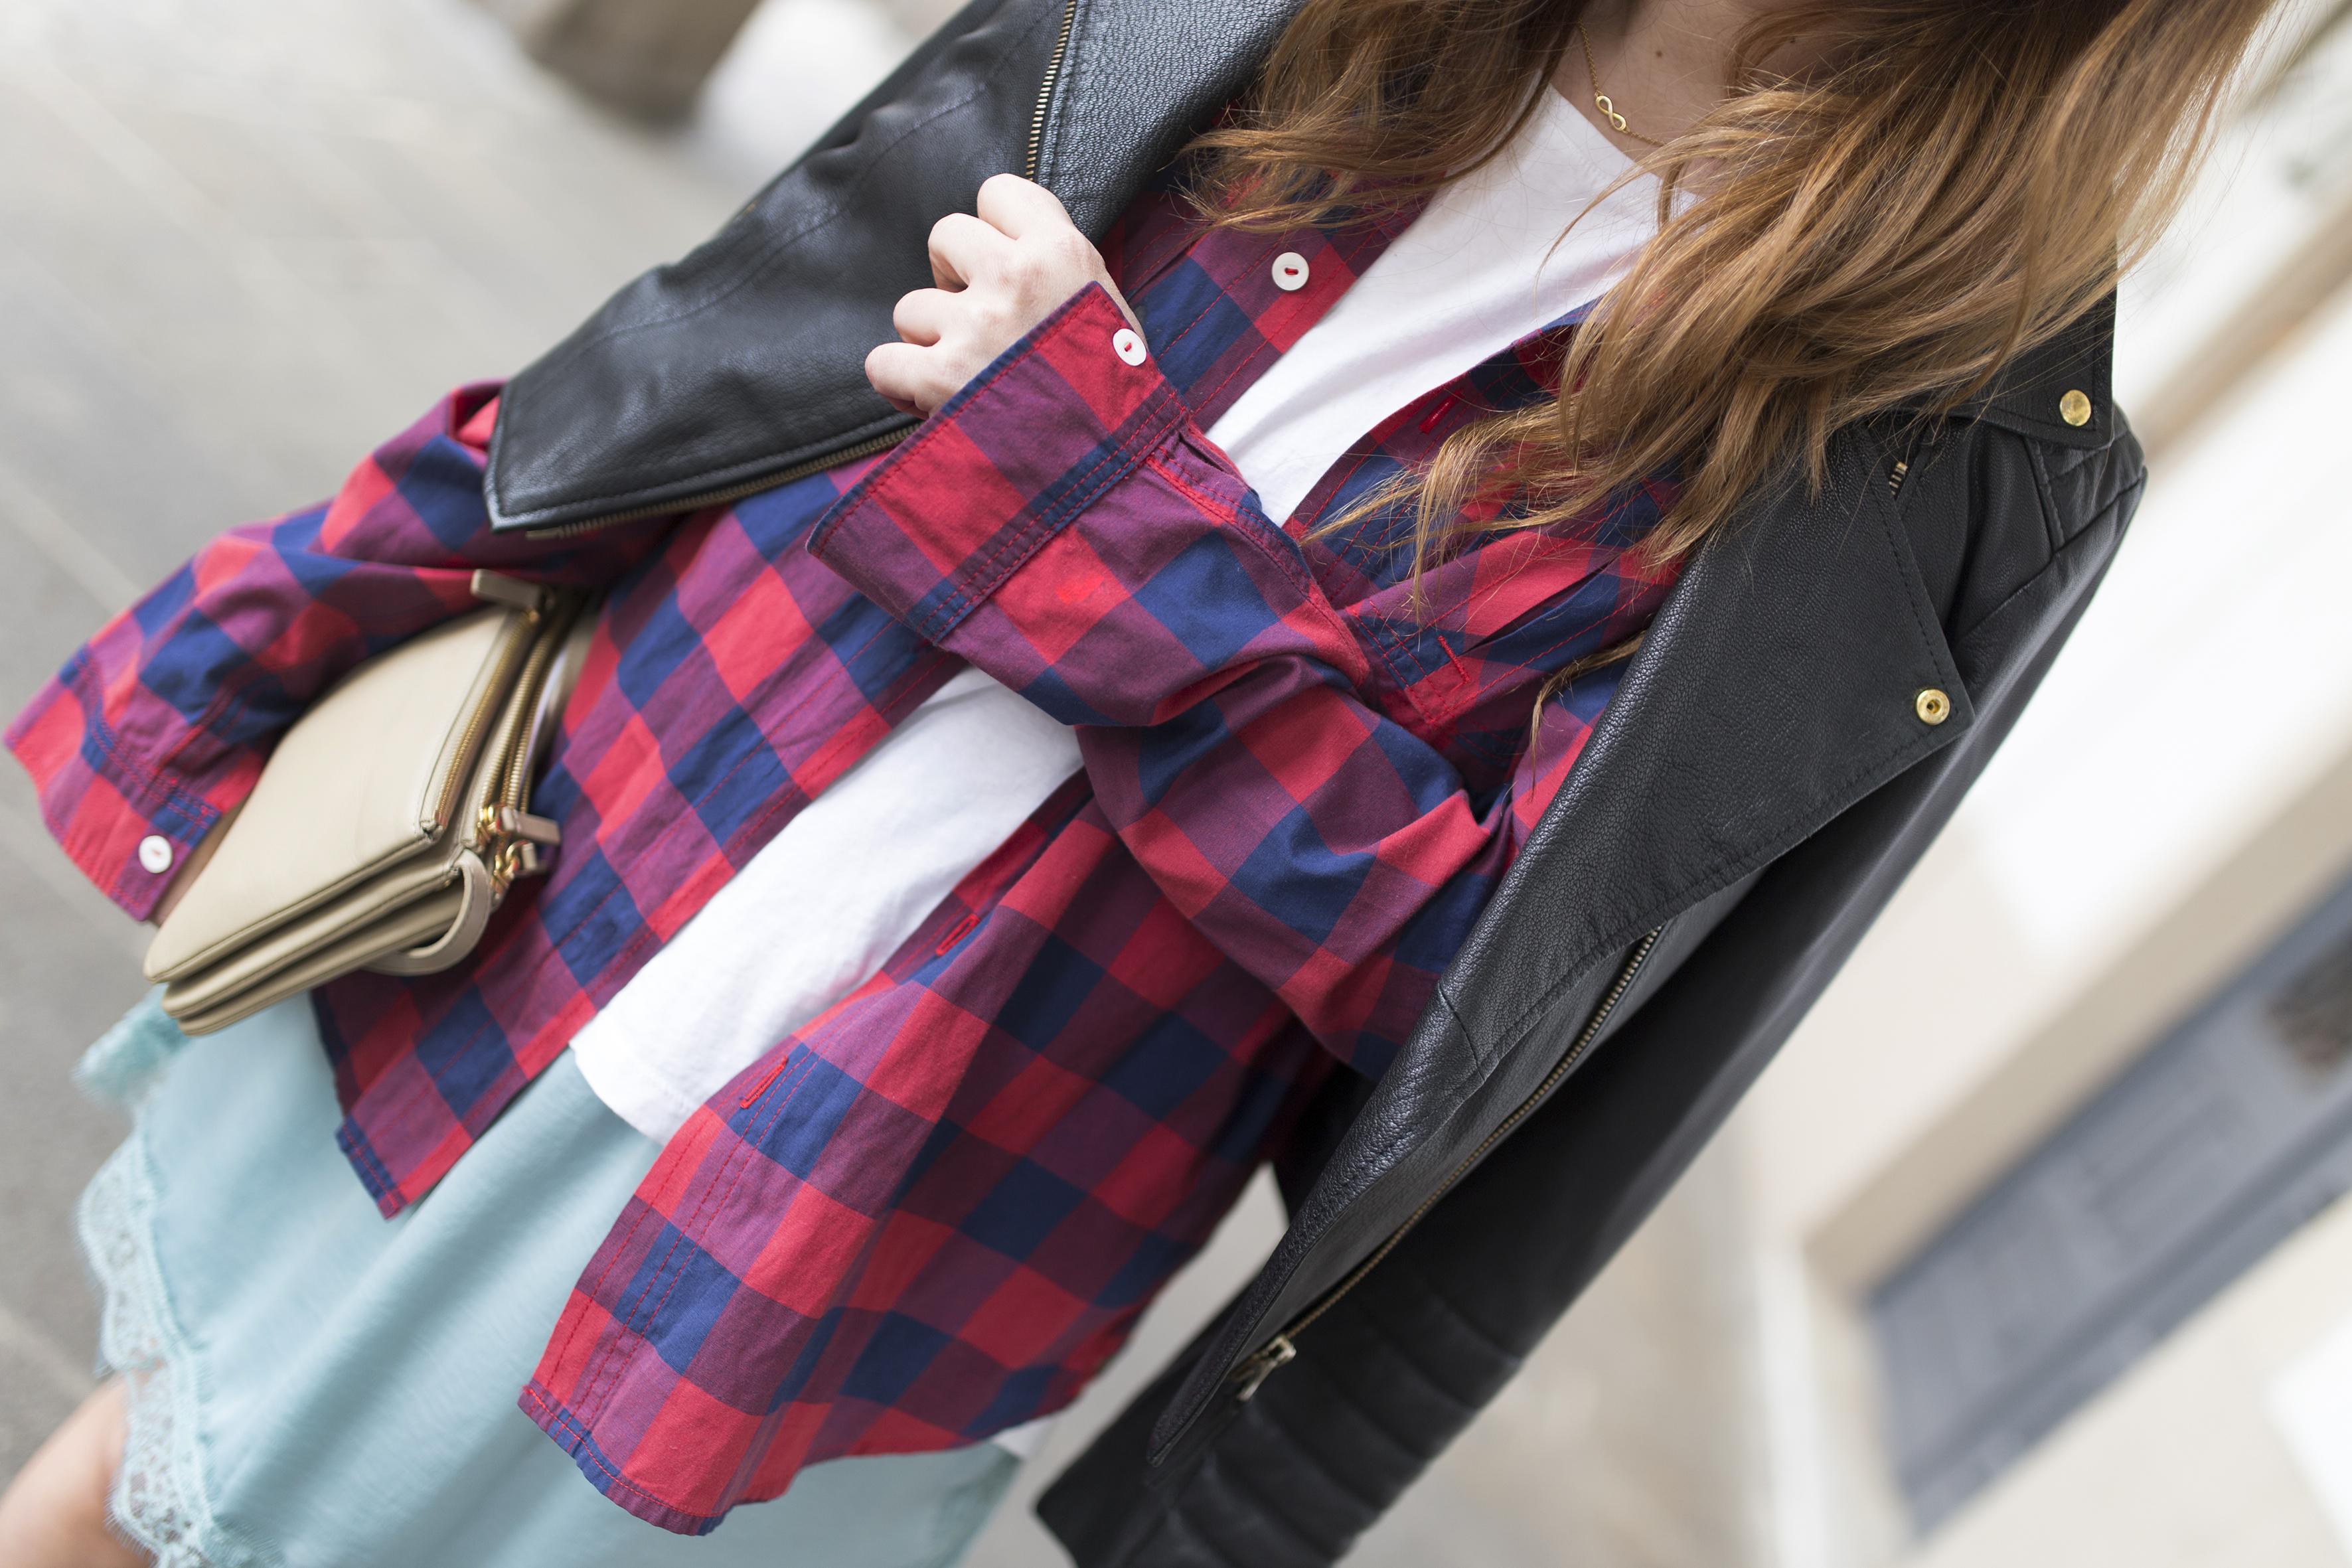 streetstyle-coruña-boots-blogger-trio bag-céline-fashion-descalzaporelparque-moda-calle-zara-perfecto